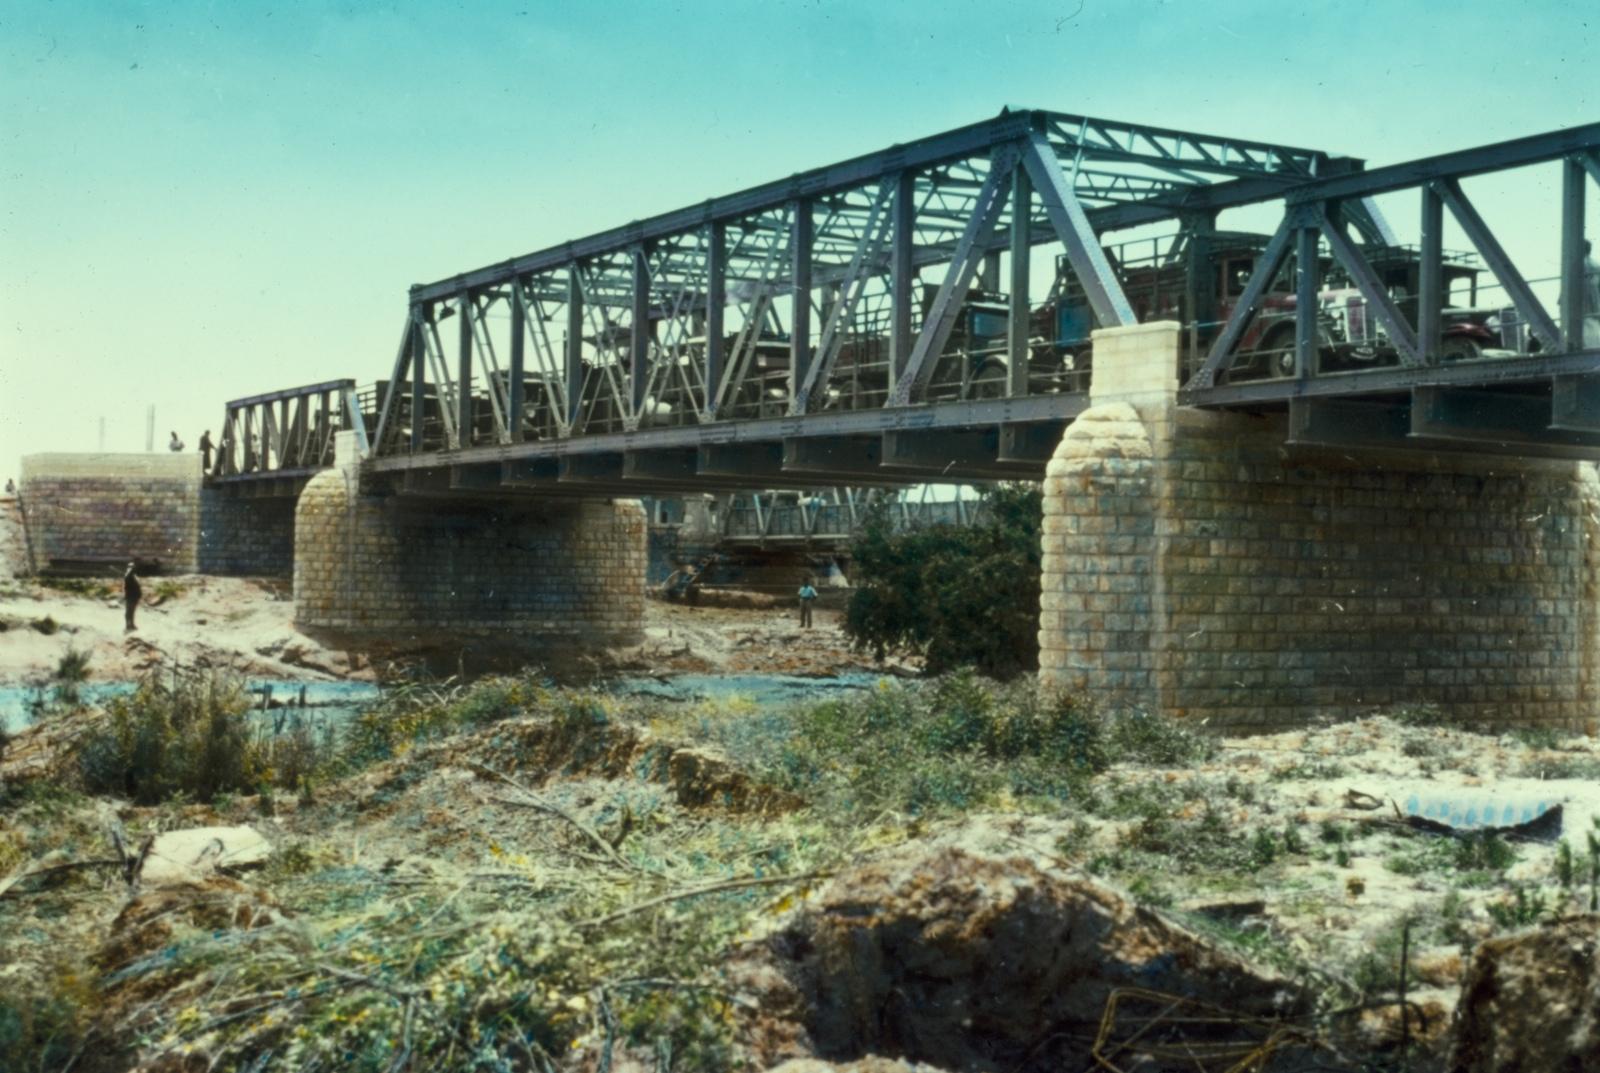 上图:重建于1930年代的艾伦比桥(Allenby Bridge),可以看出非洪水季节约旦河的水面宽度、高度。艾伦比桥又名侯赛因国王桥(King Hussein Bridge),横跨耶利哥附近的约旦河,通往约旦。艾伦比桥由英国将军Edmund Allenby始建于1918年,后经反复破坏、重建,目前是西岸(West Bank)巴勒斯坦人唯一的出境关口。